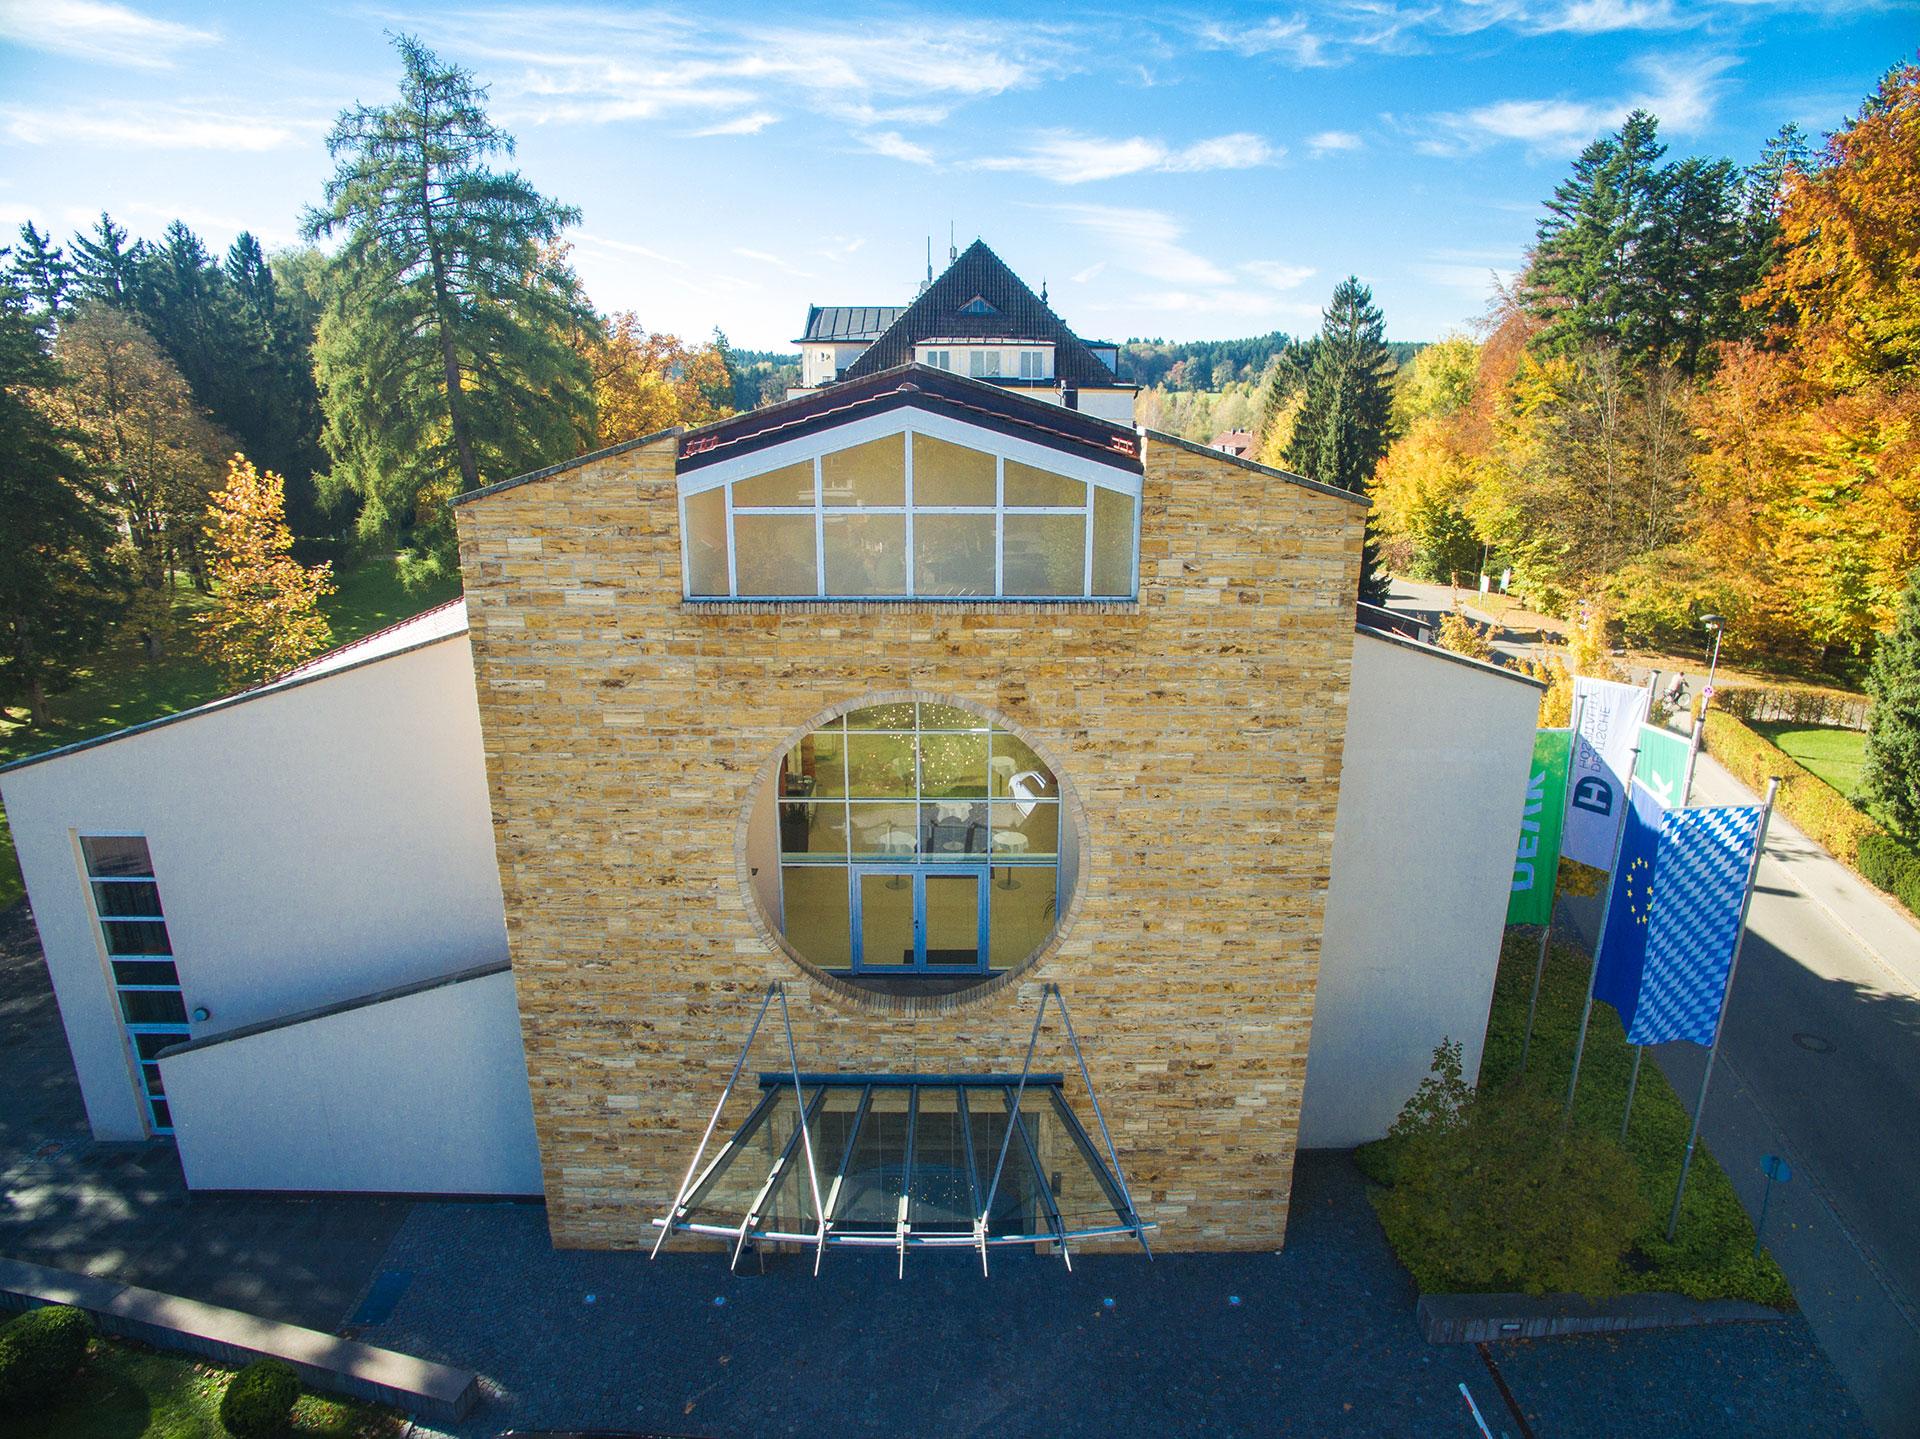 Luftaufnahmen 5s Hotel Steigenberger Bad Worishofen Allgau Drones